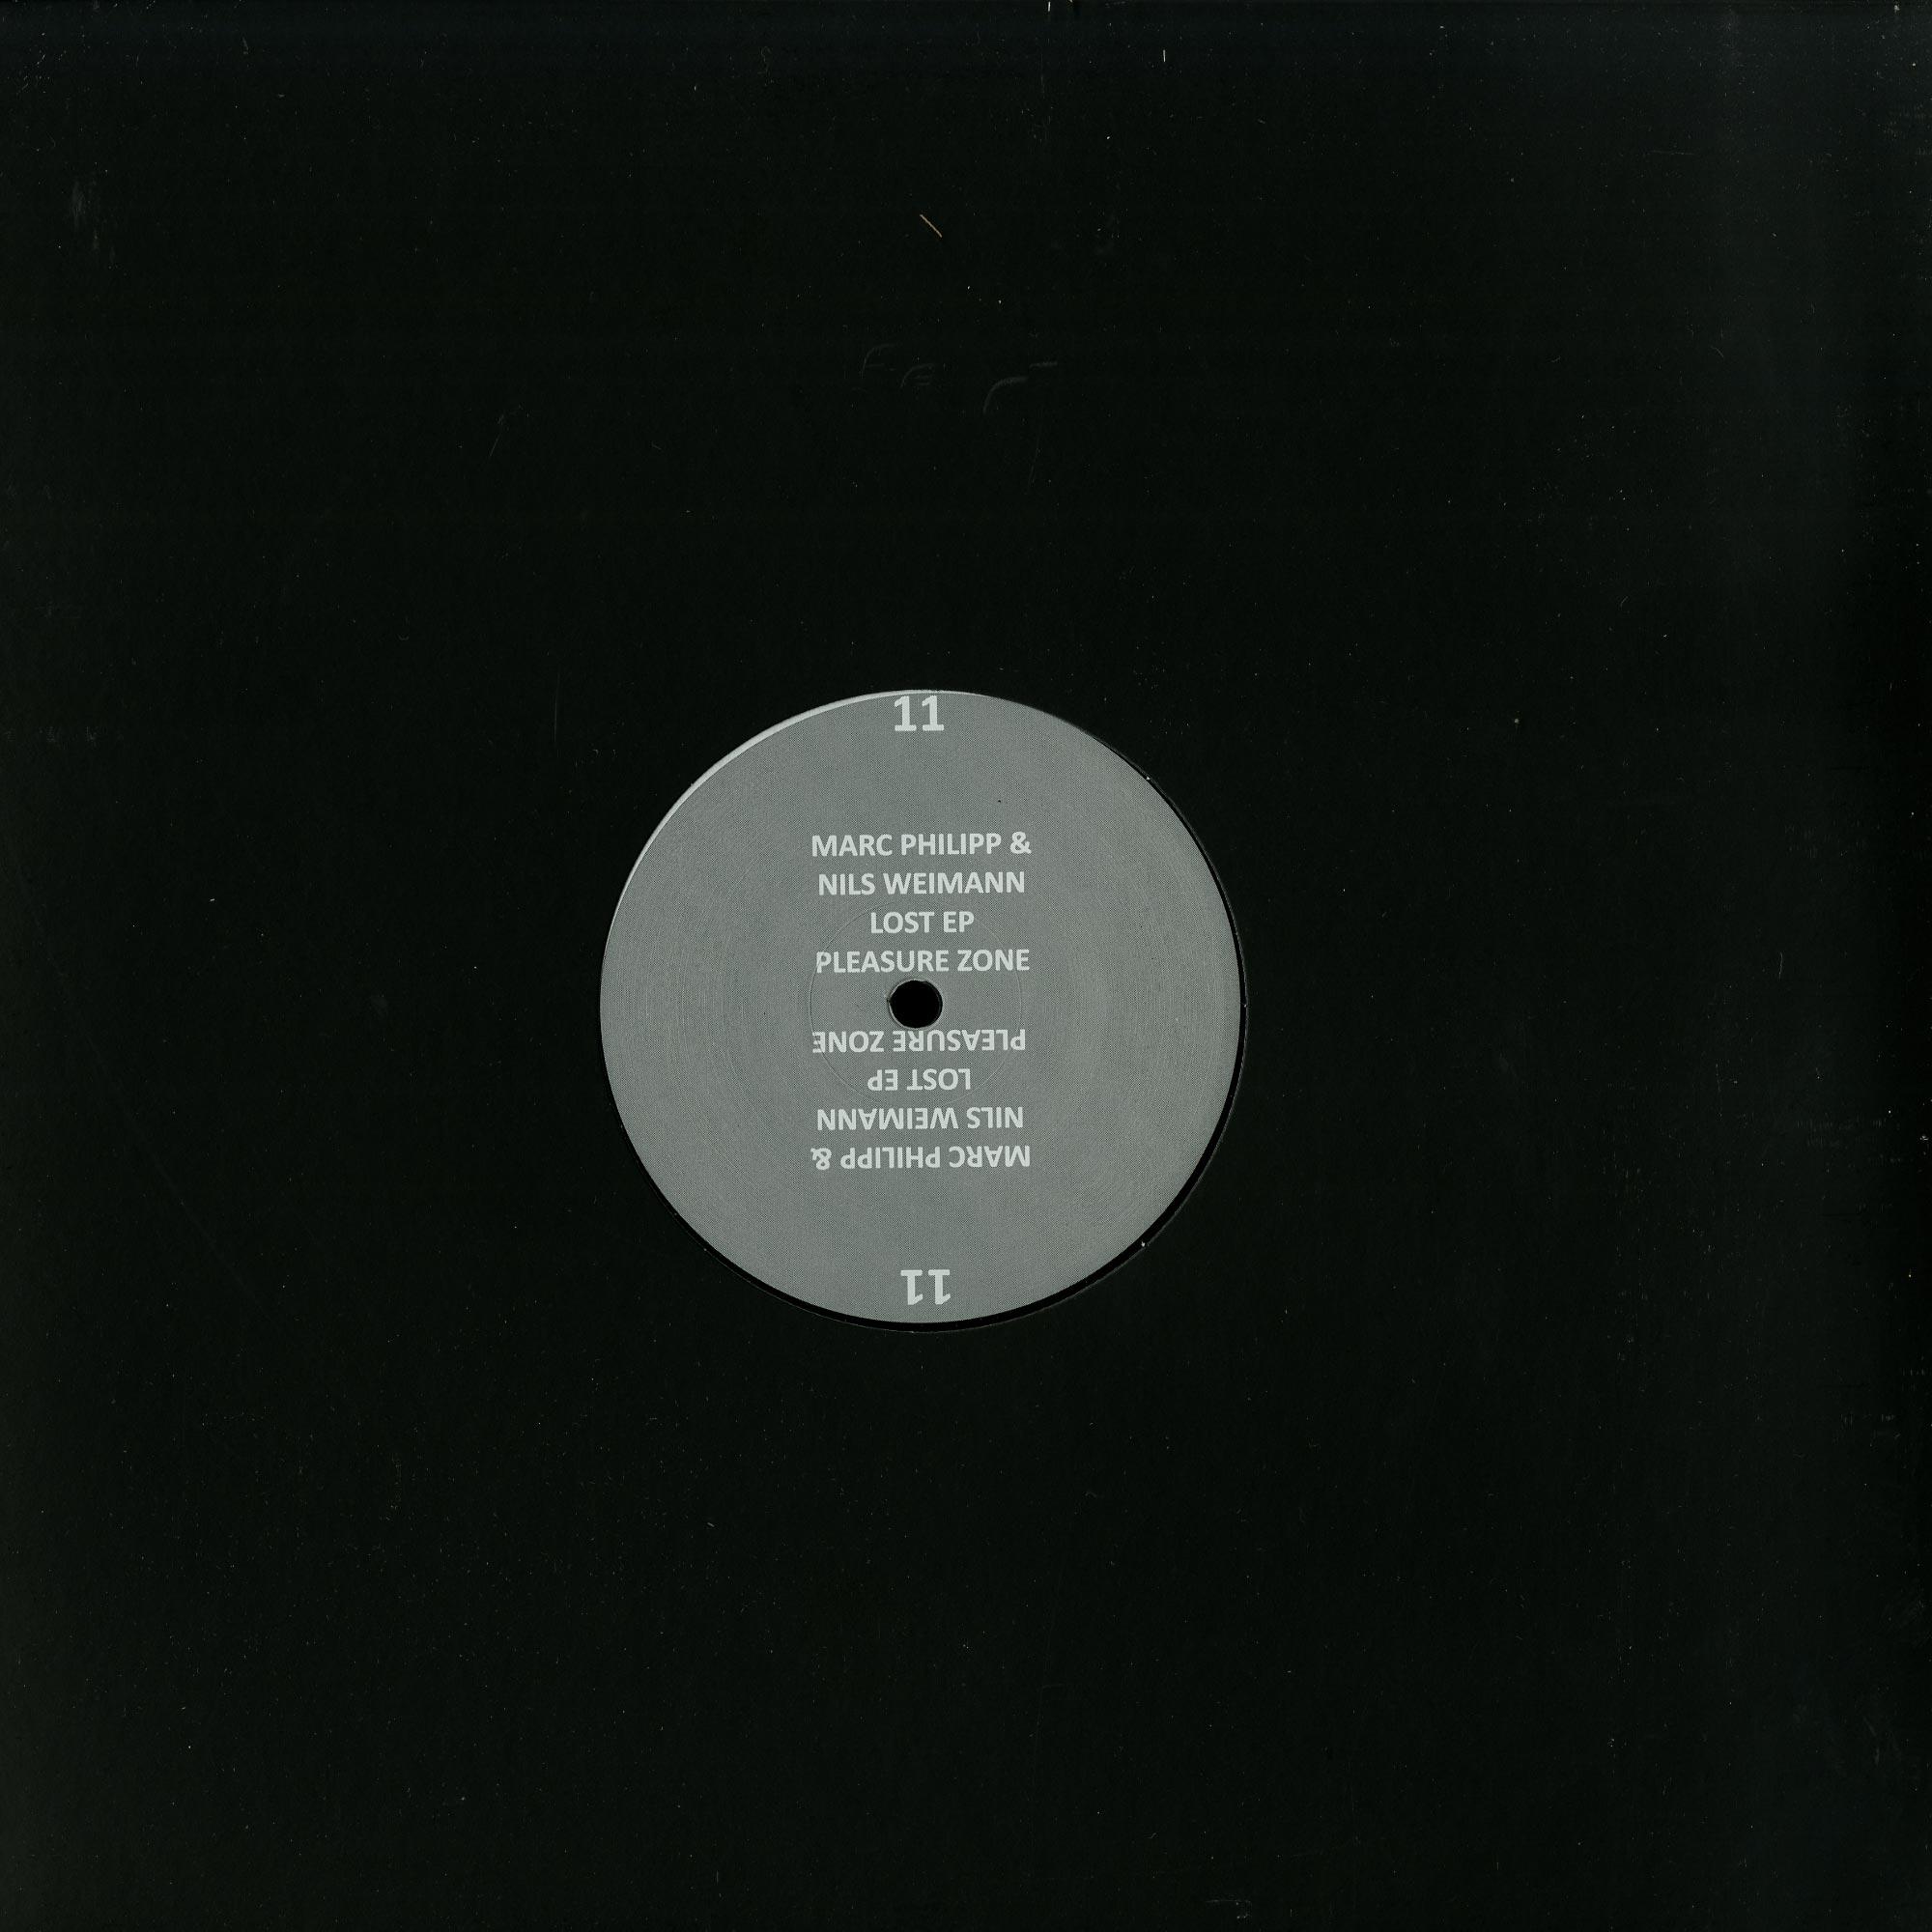 Marc Philipp & Nils Weimann - LOST EP